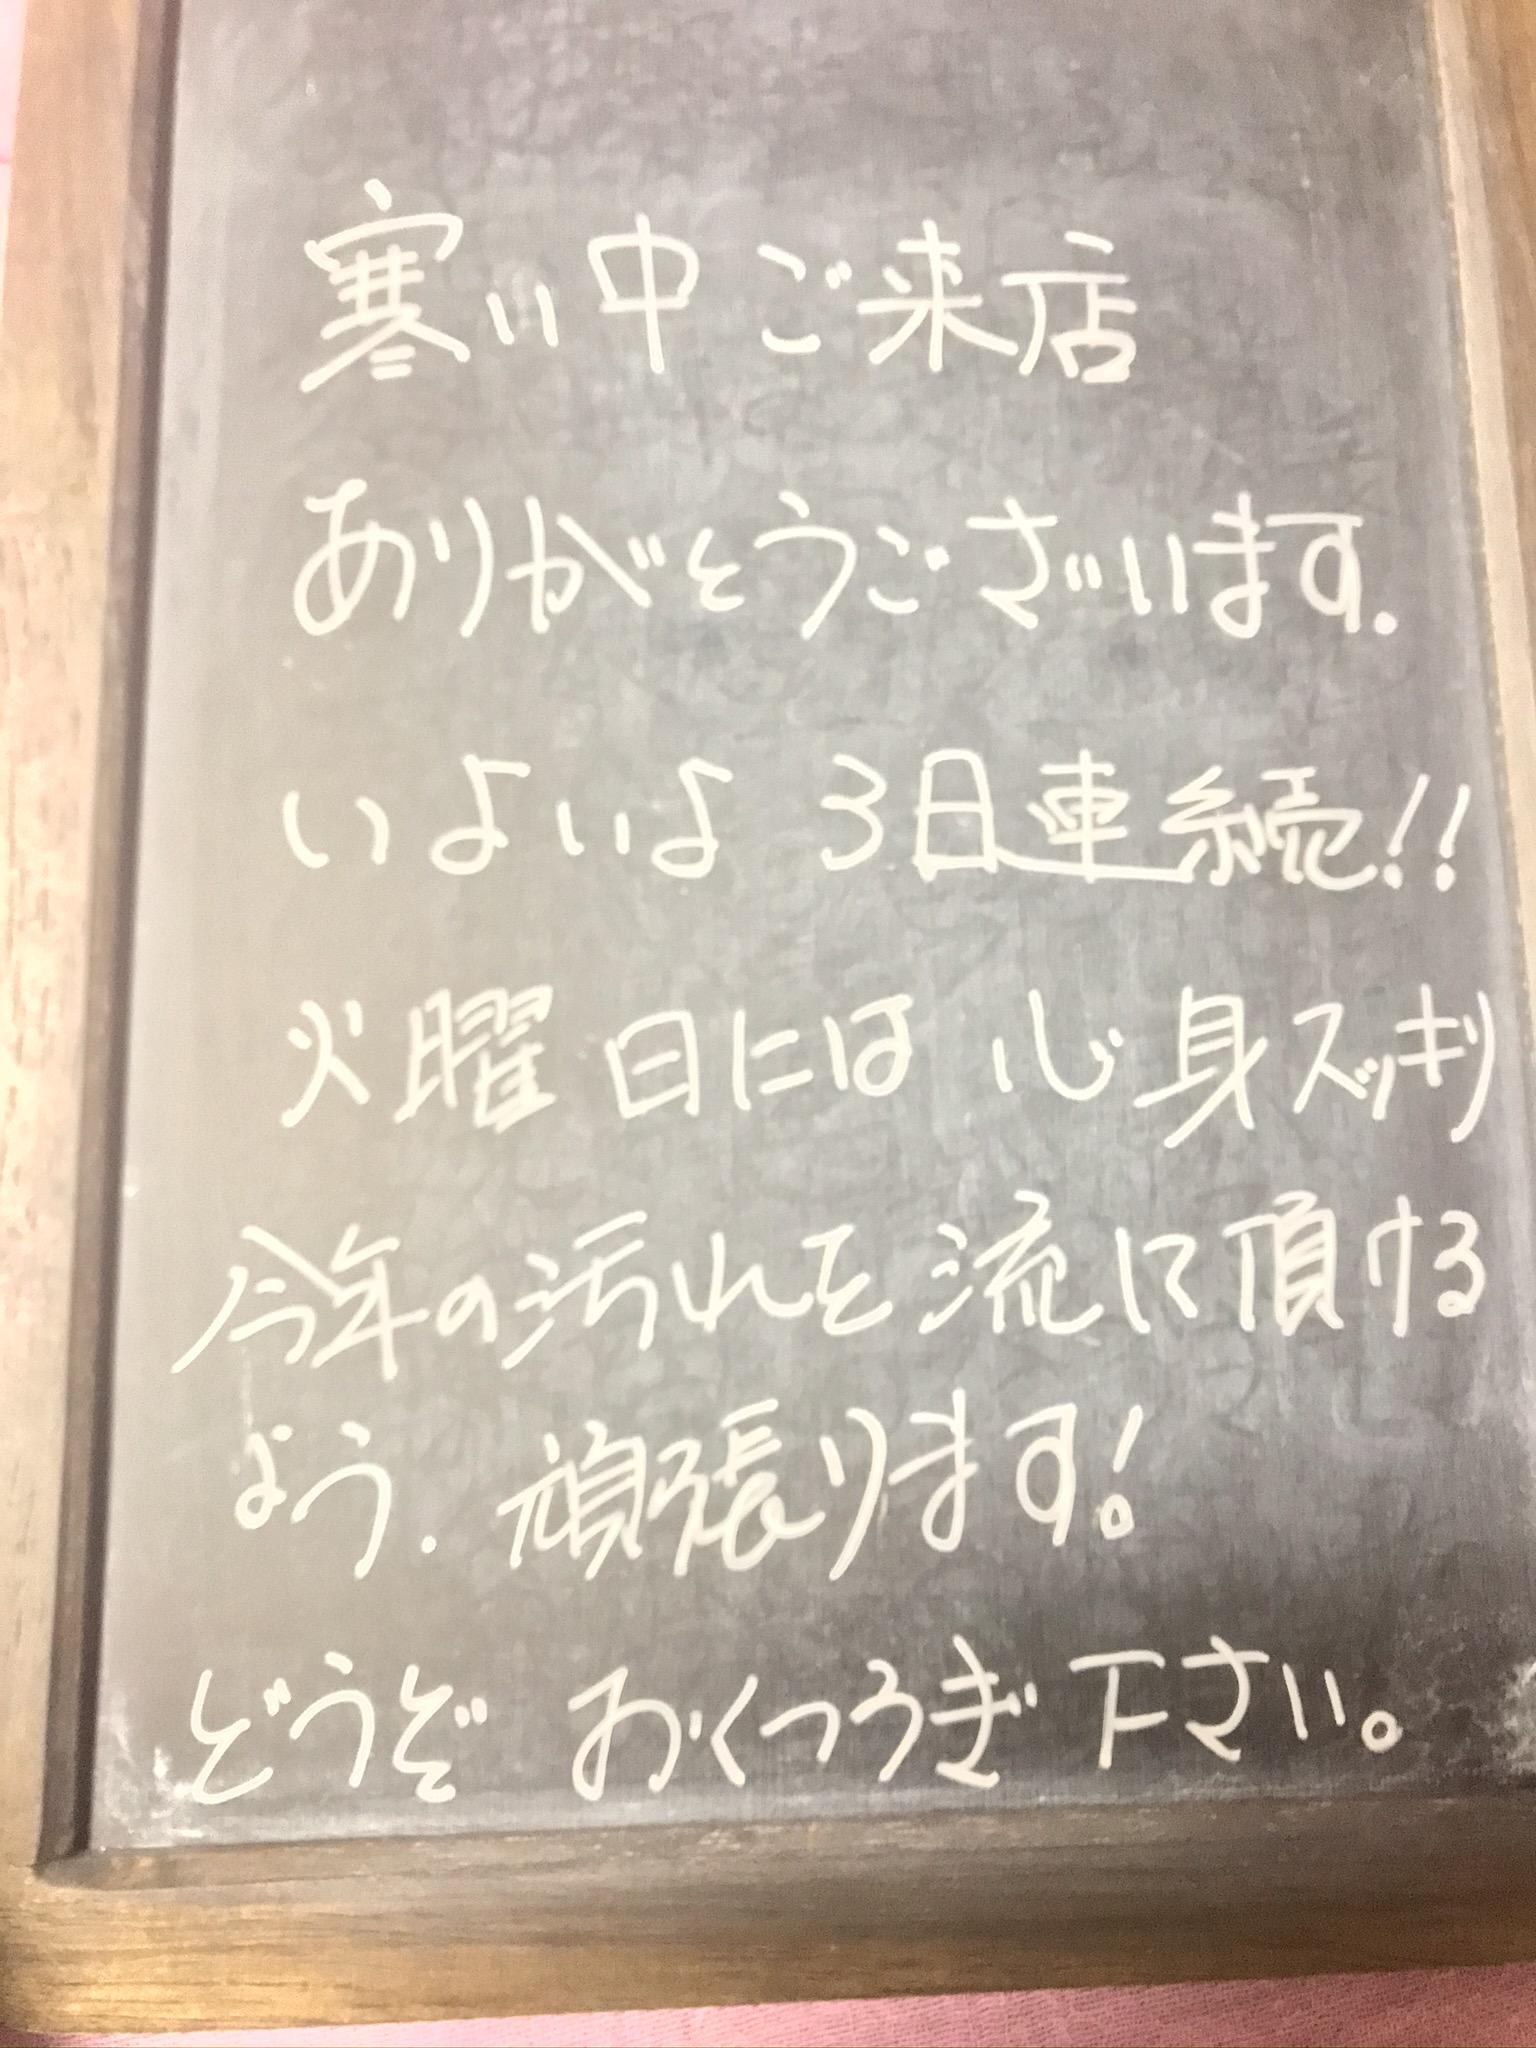 埼玉*浦和アーユルヴェーダサロンあーしゃんてぃ